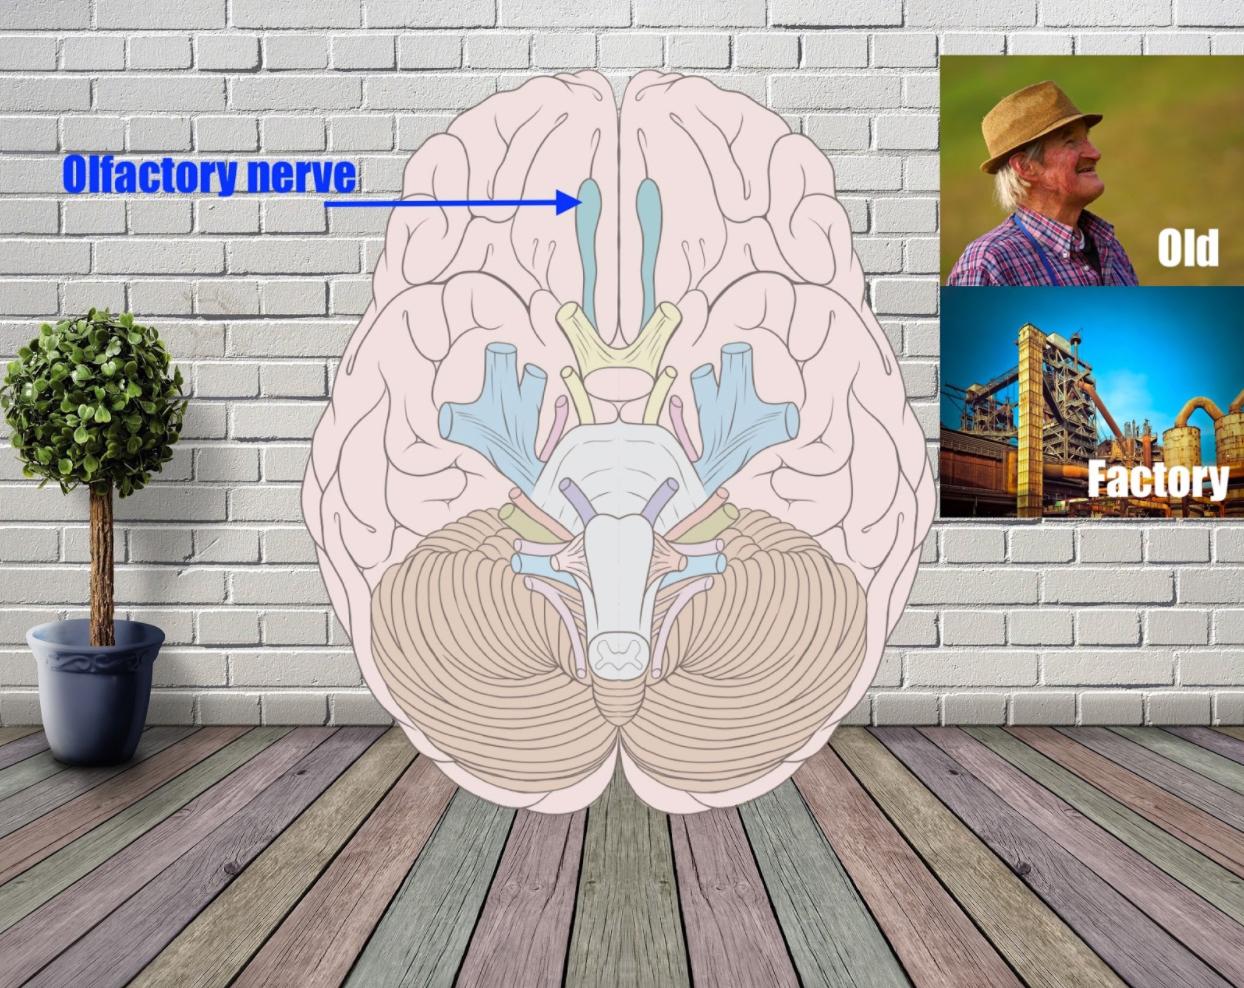 olfactory nerve mnemonic example